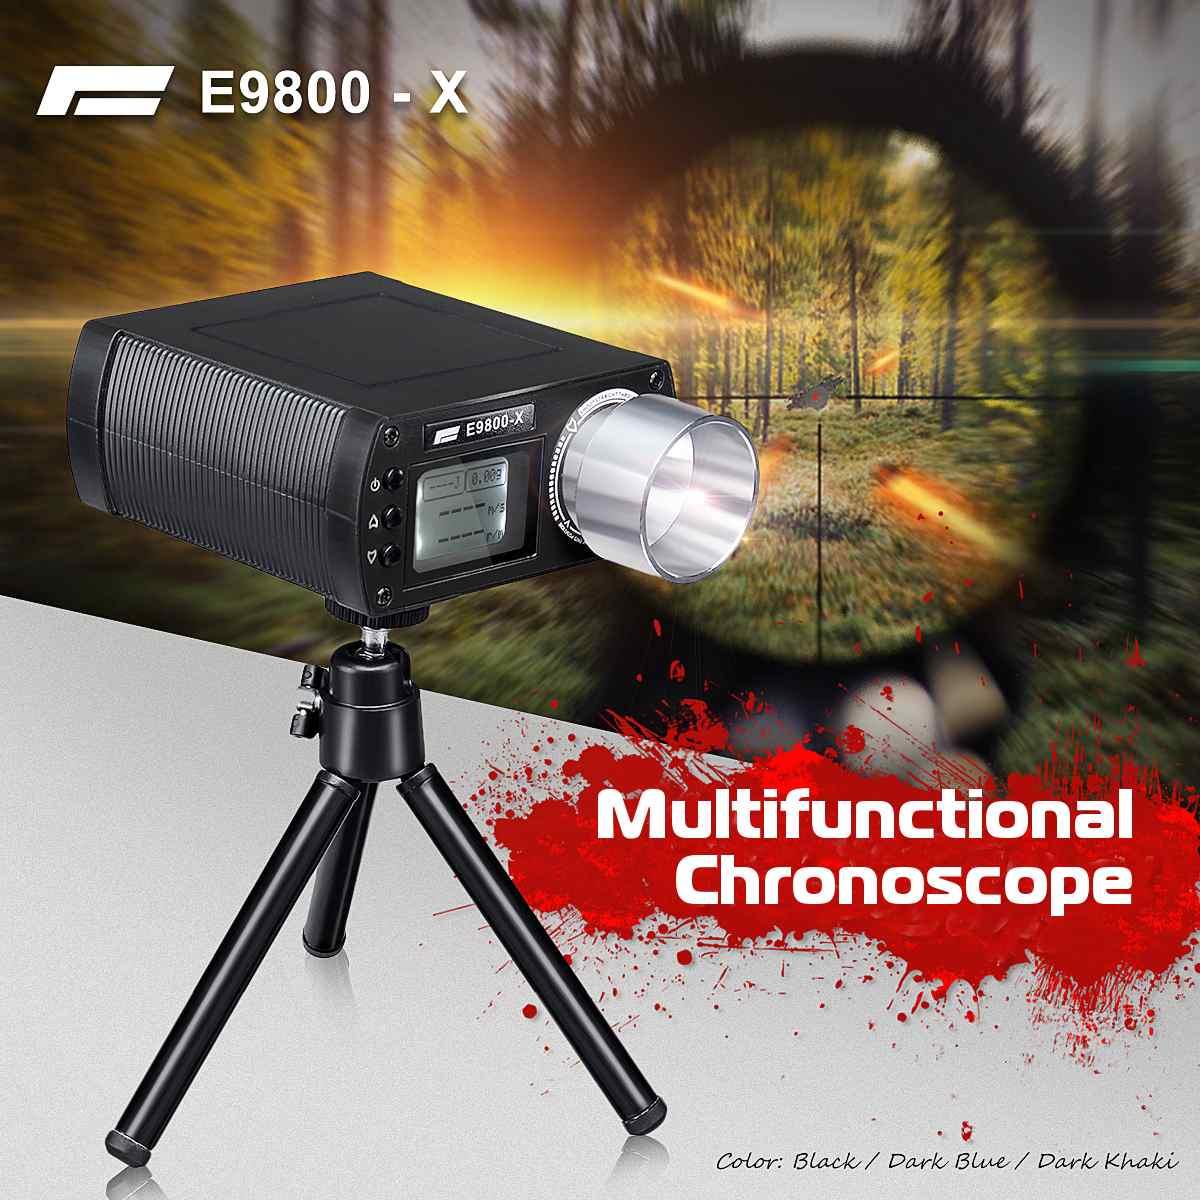 E9800-X airsoft bb стрельба скорость тестер Высокоточный стрелковый Хронограф-10C до 50C 0-500J обжиг-кинетическая энергия ЖК-экран